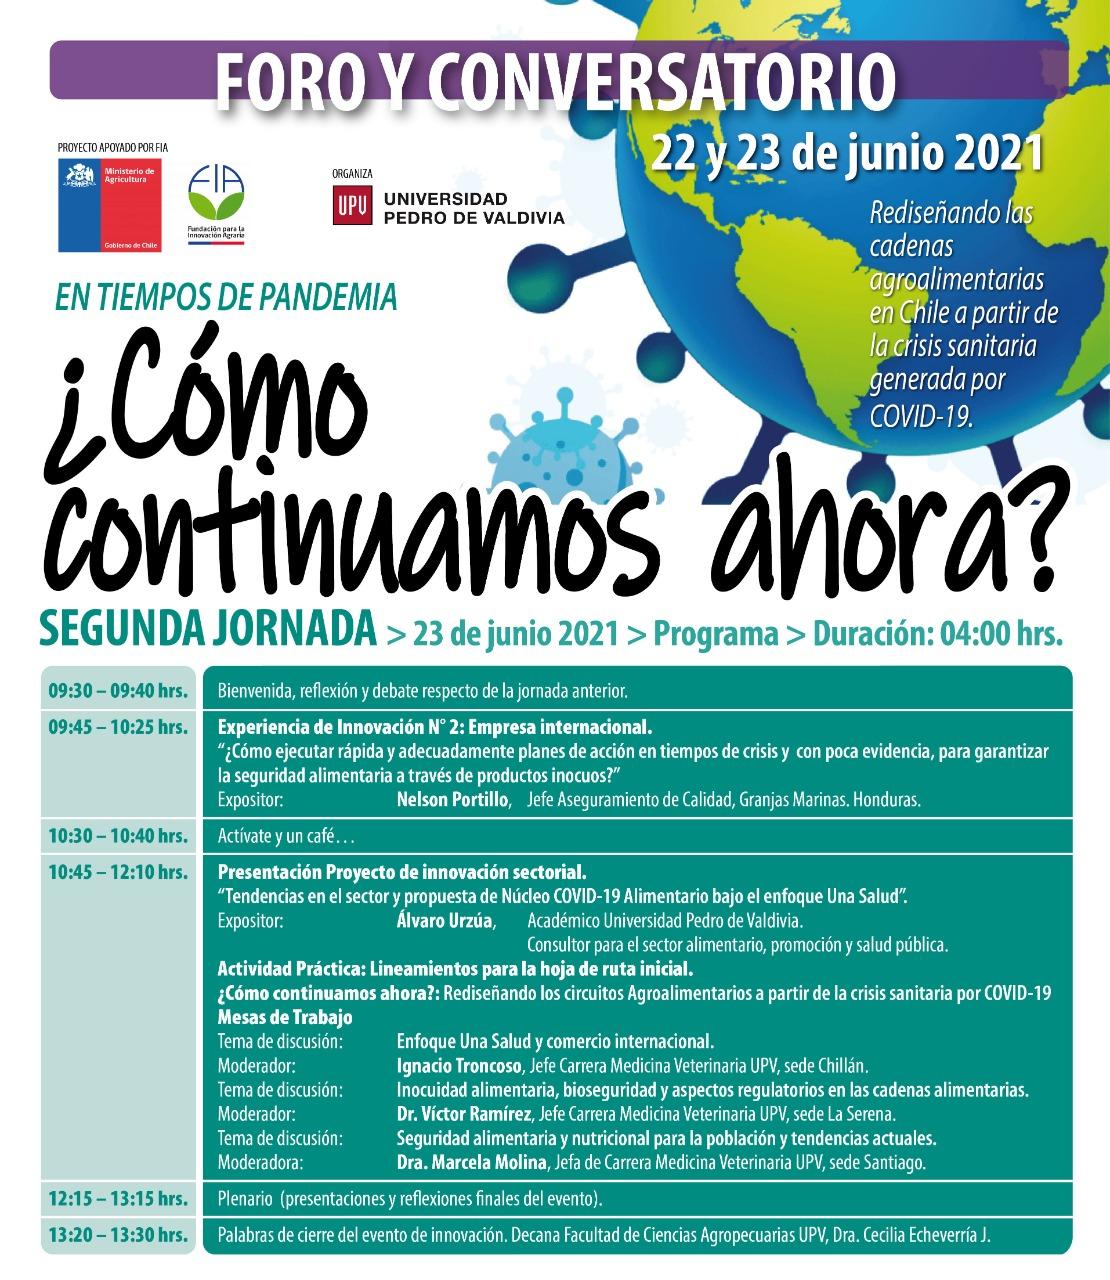 Foro internacional sobre innovación, inocuidad y bioseguridad de las cadenas agroalimentarias en tiempos de COVID-19